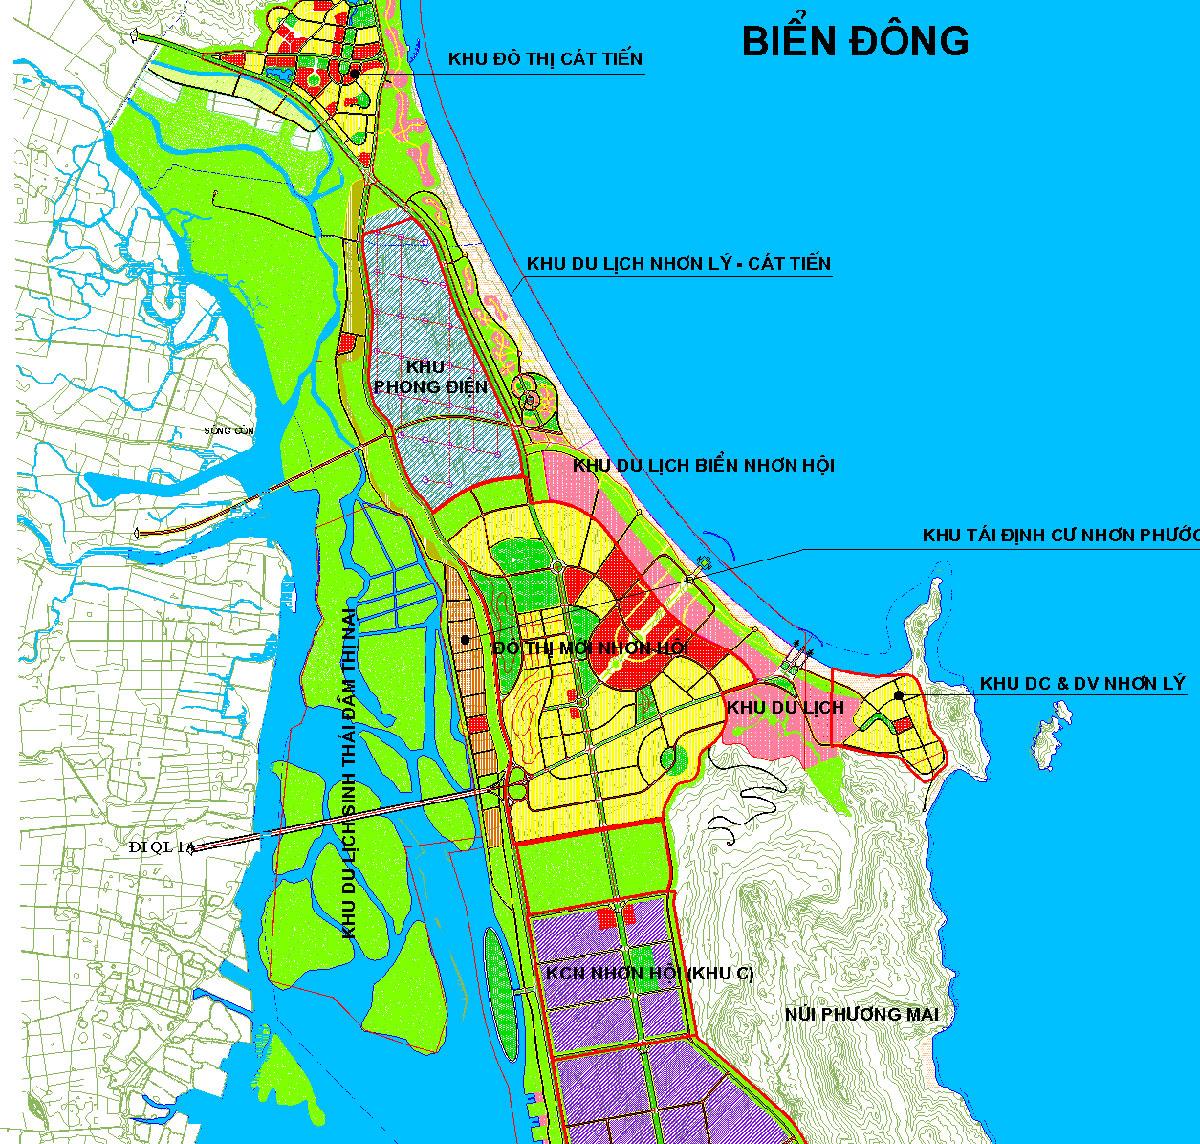 Khu đô thị sinh thái Nhơn Hội Bình Định